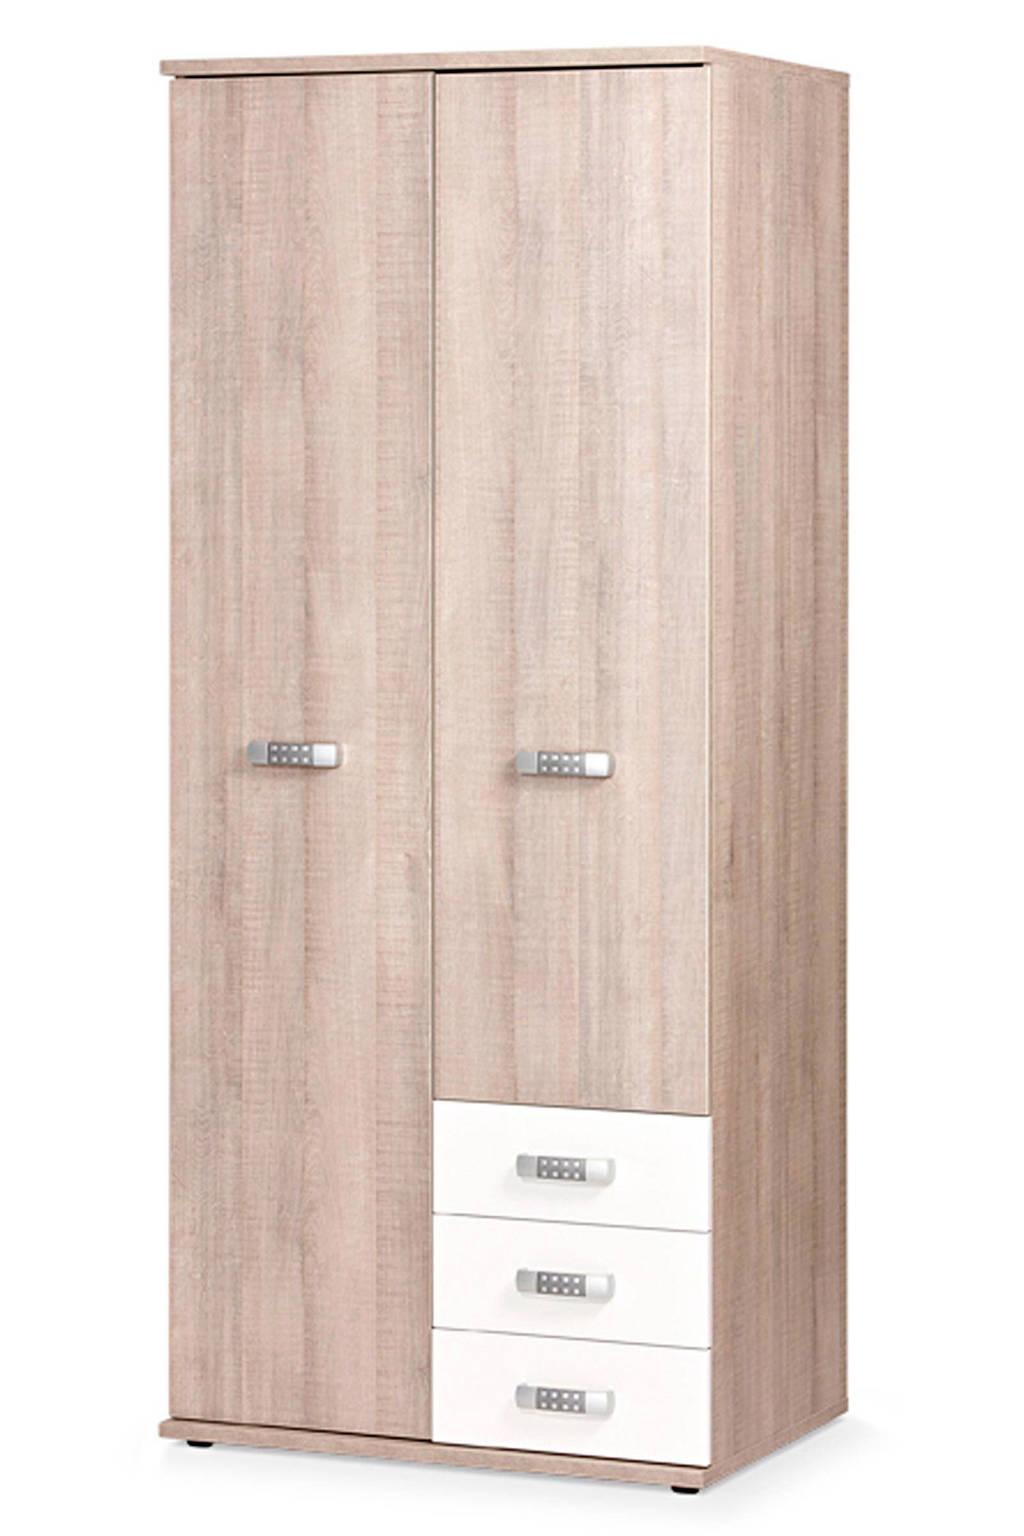 Beter Bed 2-deurs kledingkast wit Pep, Eiken/wit